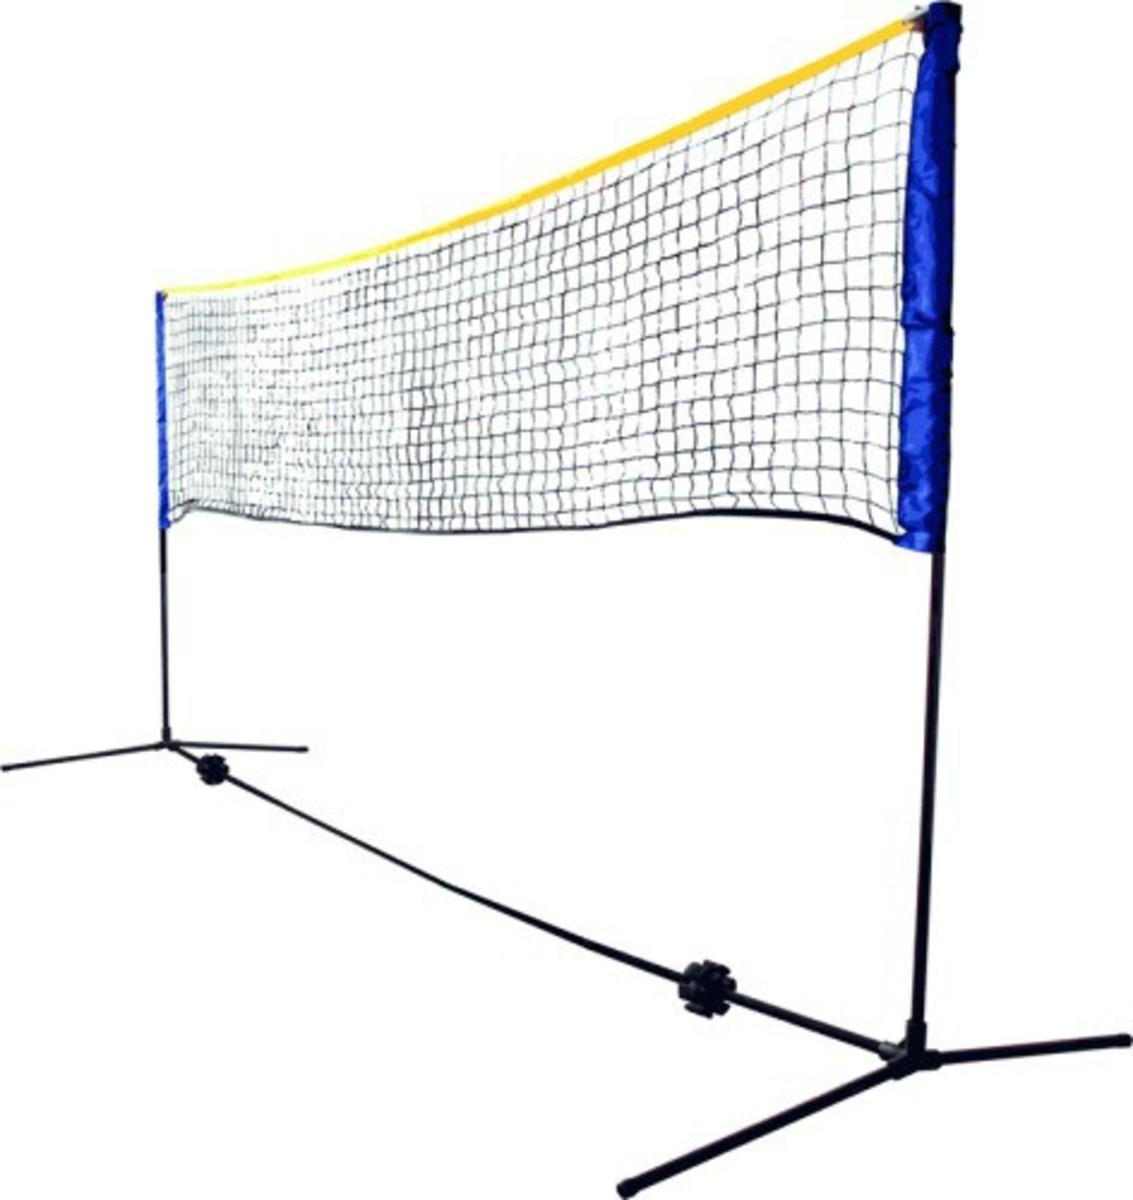 Bild 1 von Schildkröt - Funsport FUNSPORT Combi Net Set in Tragetasche, 300x 155cm